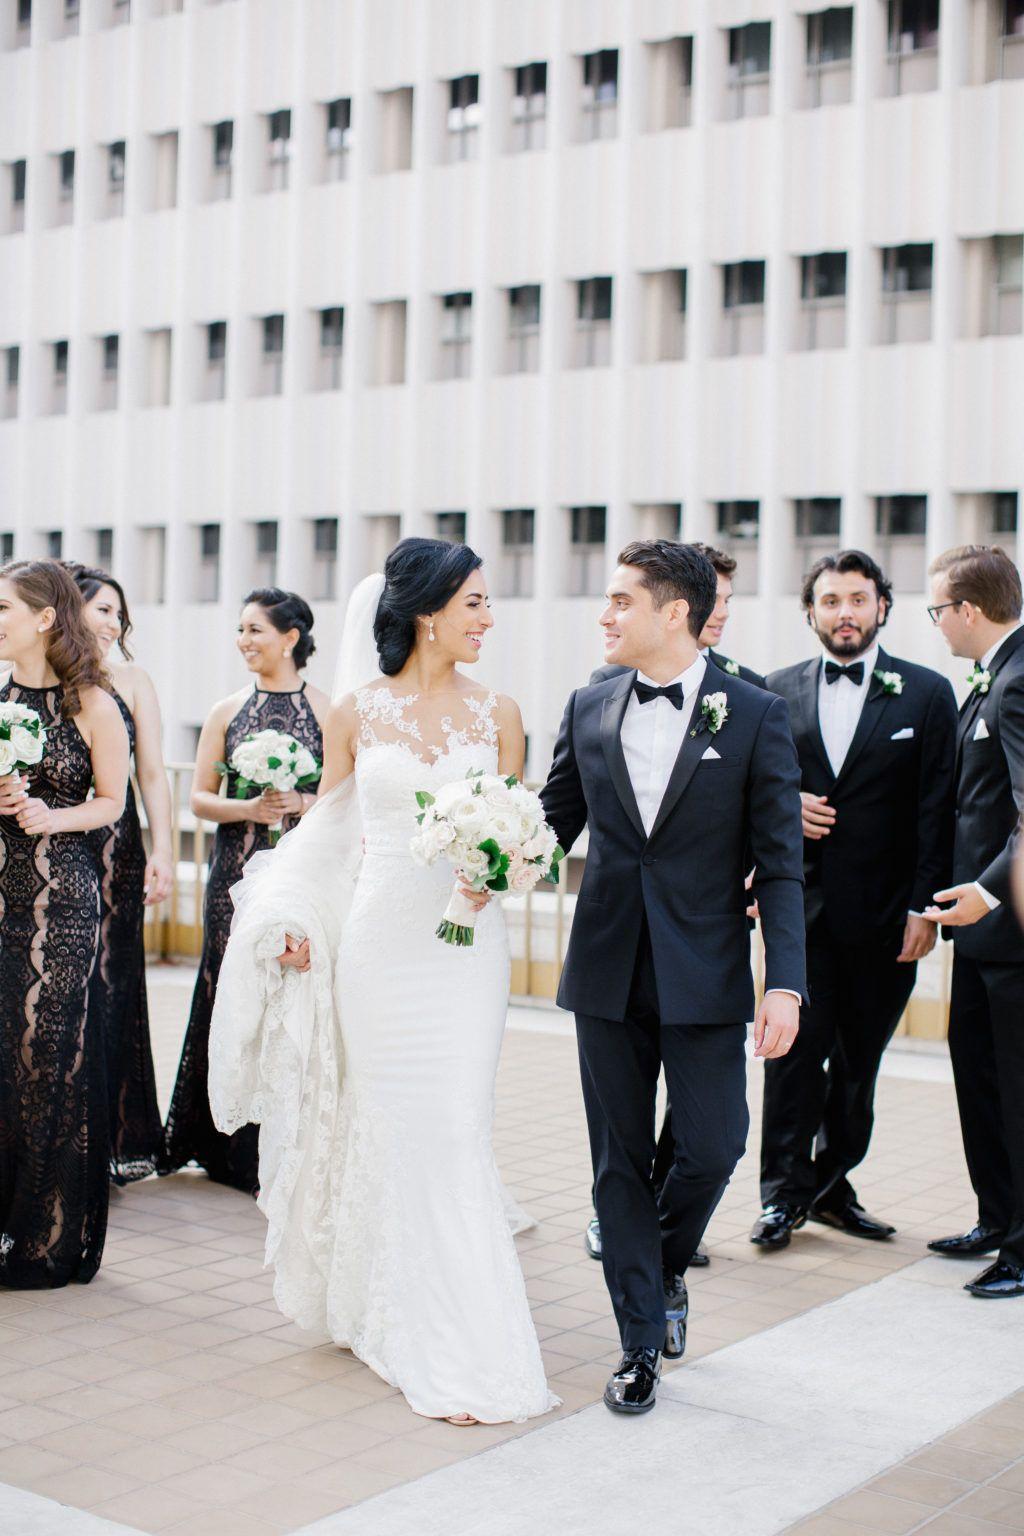 San Diego Wedding Planner Coordinator Sophisticated Wedding Wedding Dresses Lace San Diego Wedding